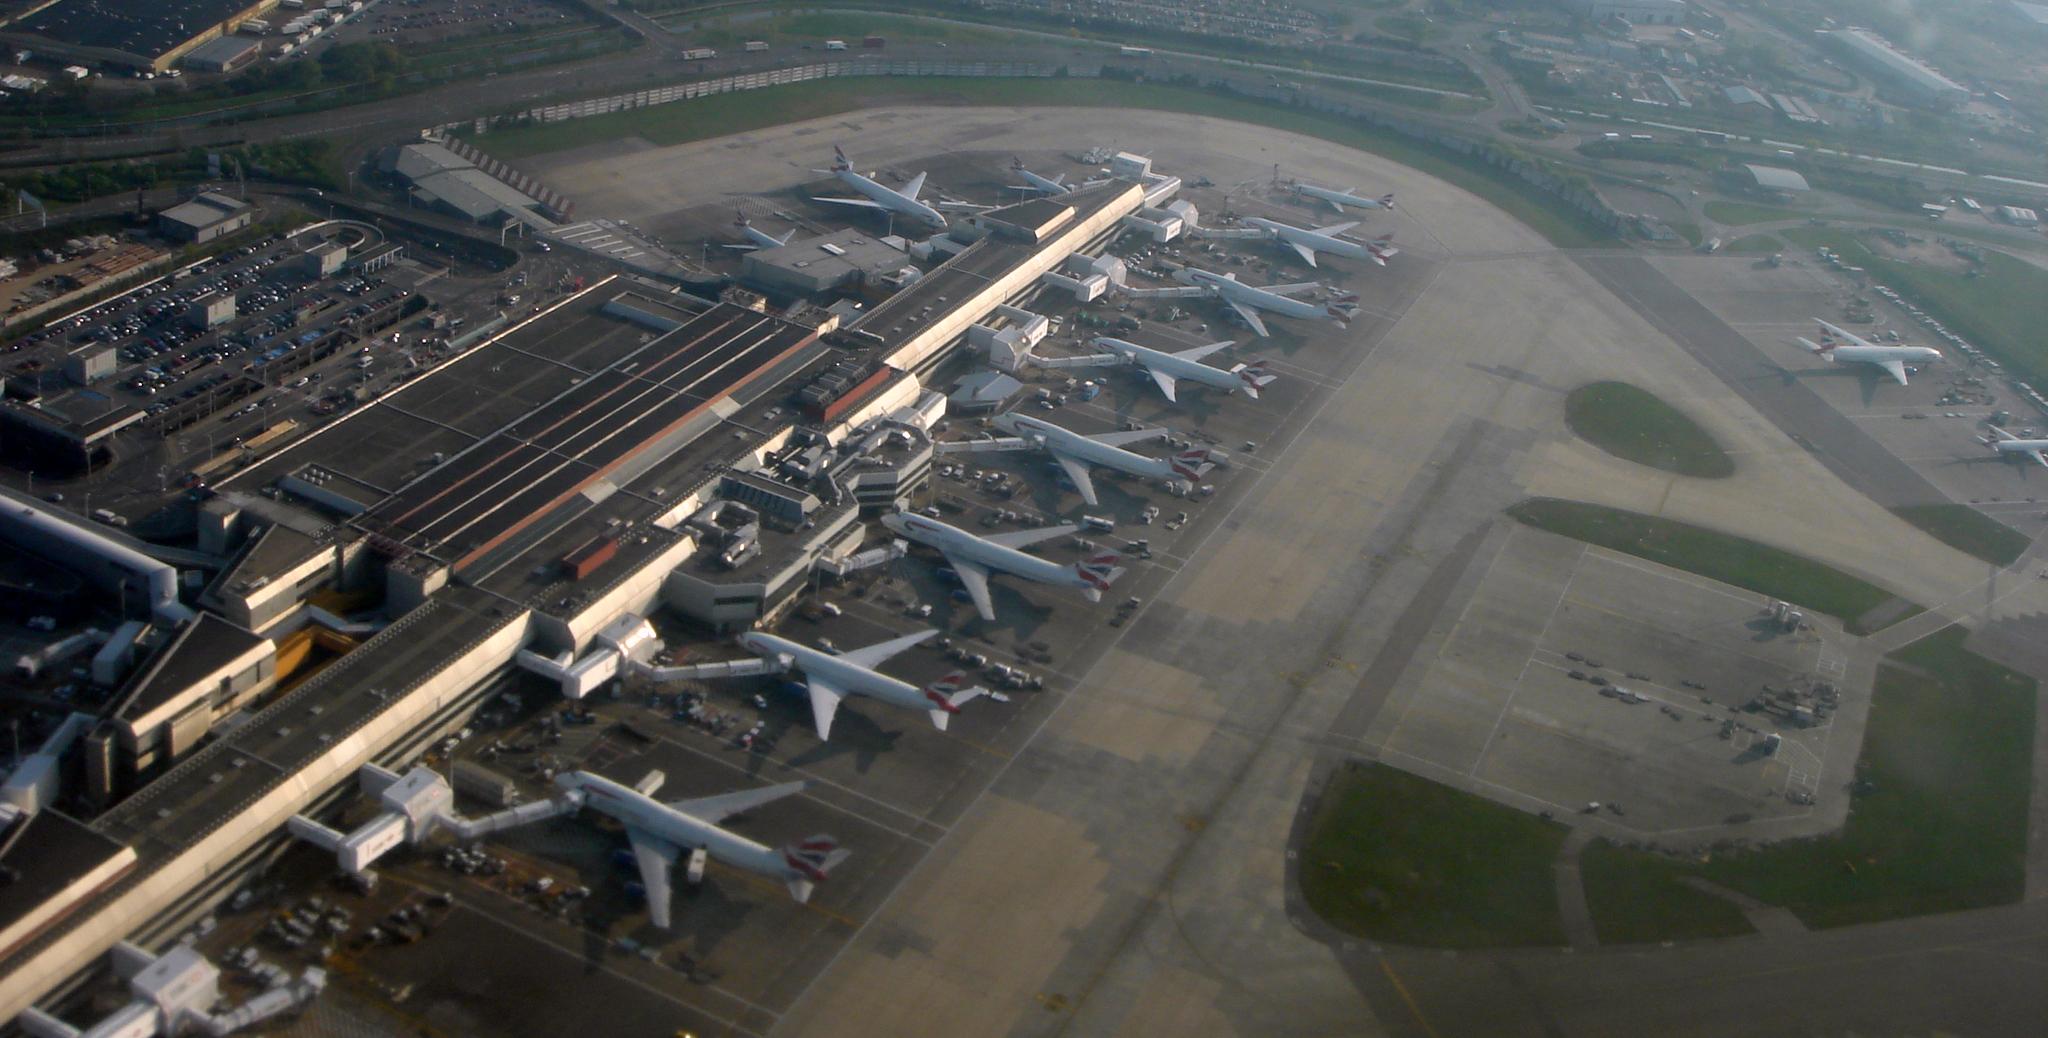 Heathrow_LON_04_07_77.JPG